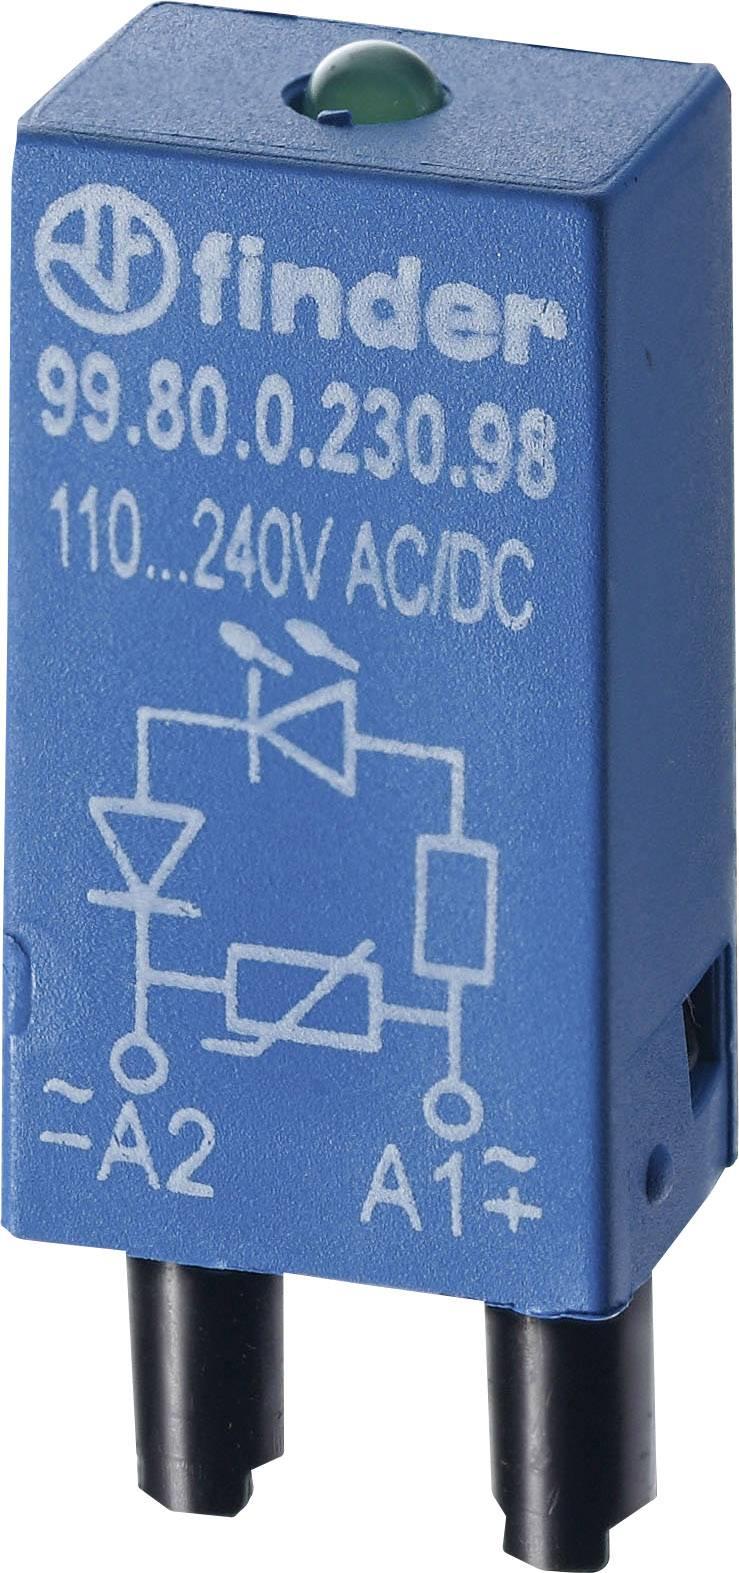 Zasouvací modul s diodou Finder 99.80.0.230.98 barva světla: zelená 1 ks Vhodné pro sérii: Finder řada 95